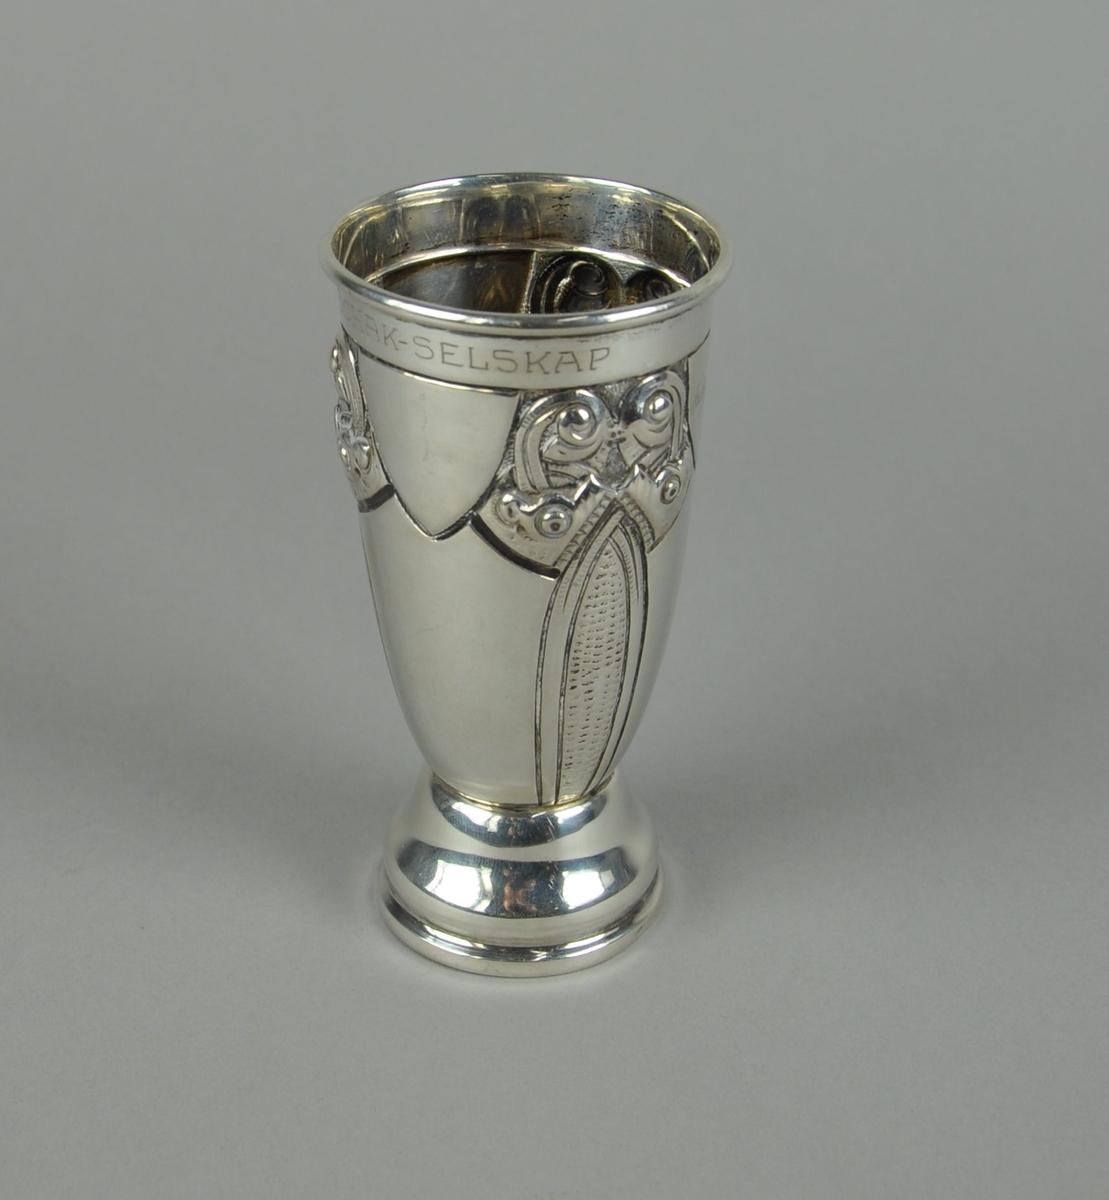 Pokal av sølv. Pokalen har sylindrisk form med innsnevret bunn. Utgående sokkel med profilert form. På korpus er det gravert dekor i dragestil.